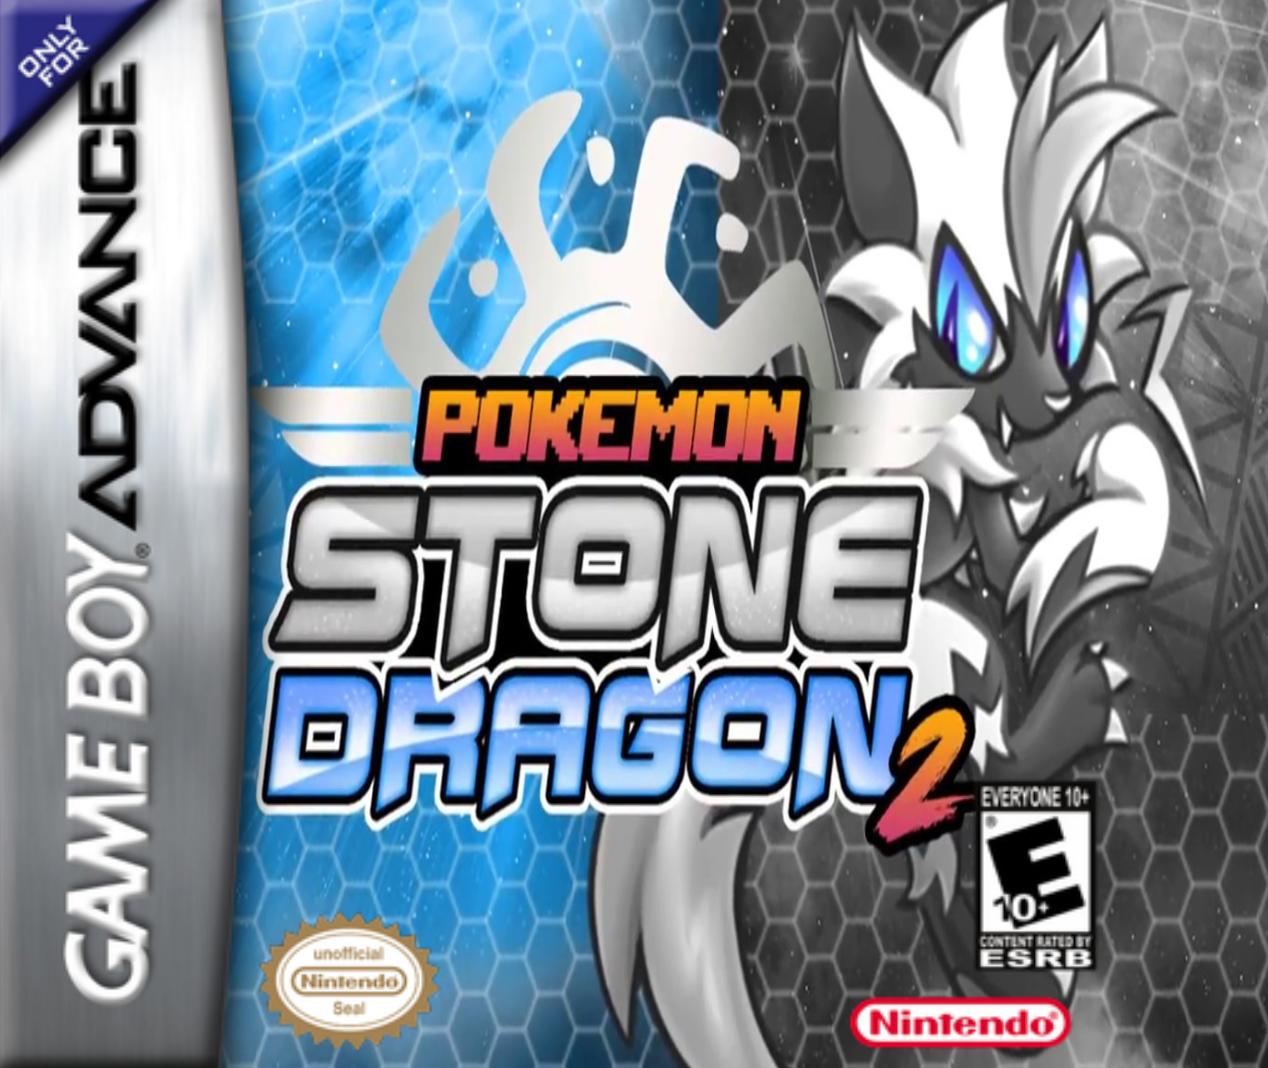 Pokémon Stone Dragon 2 ROM GBA